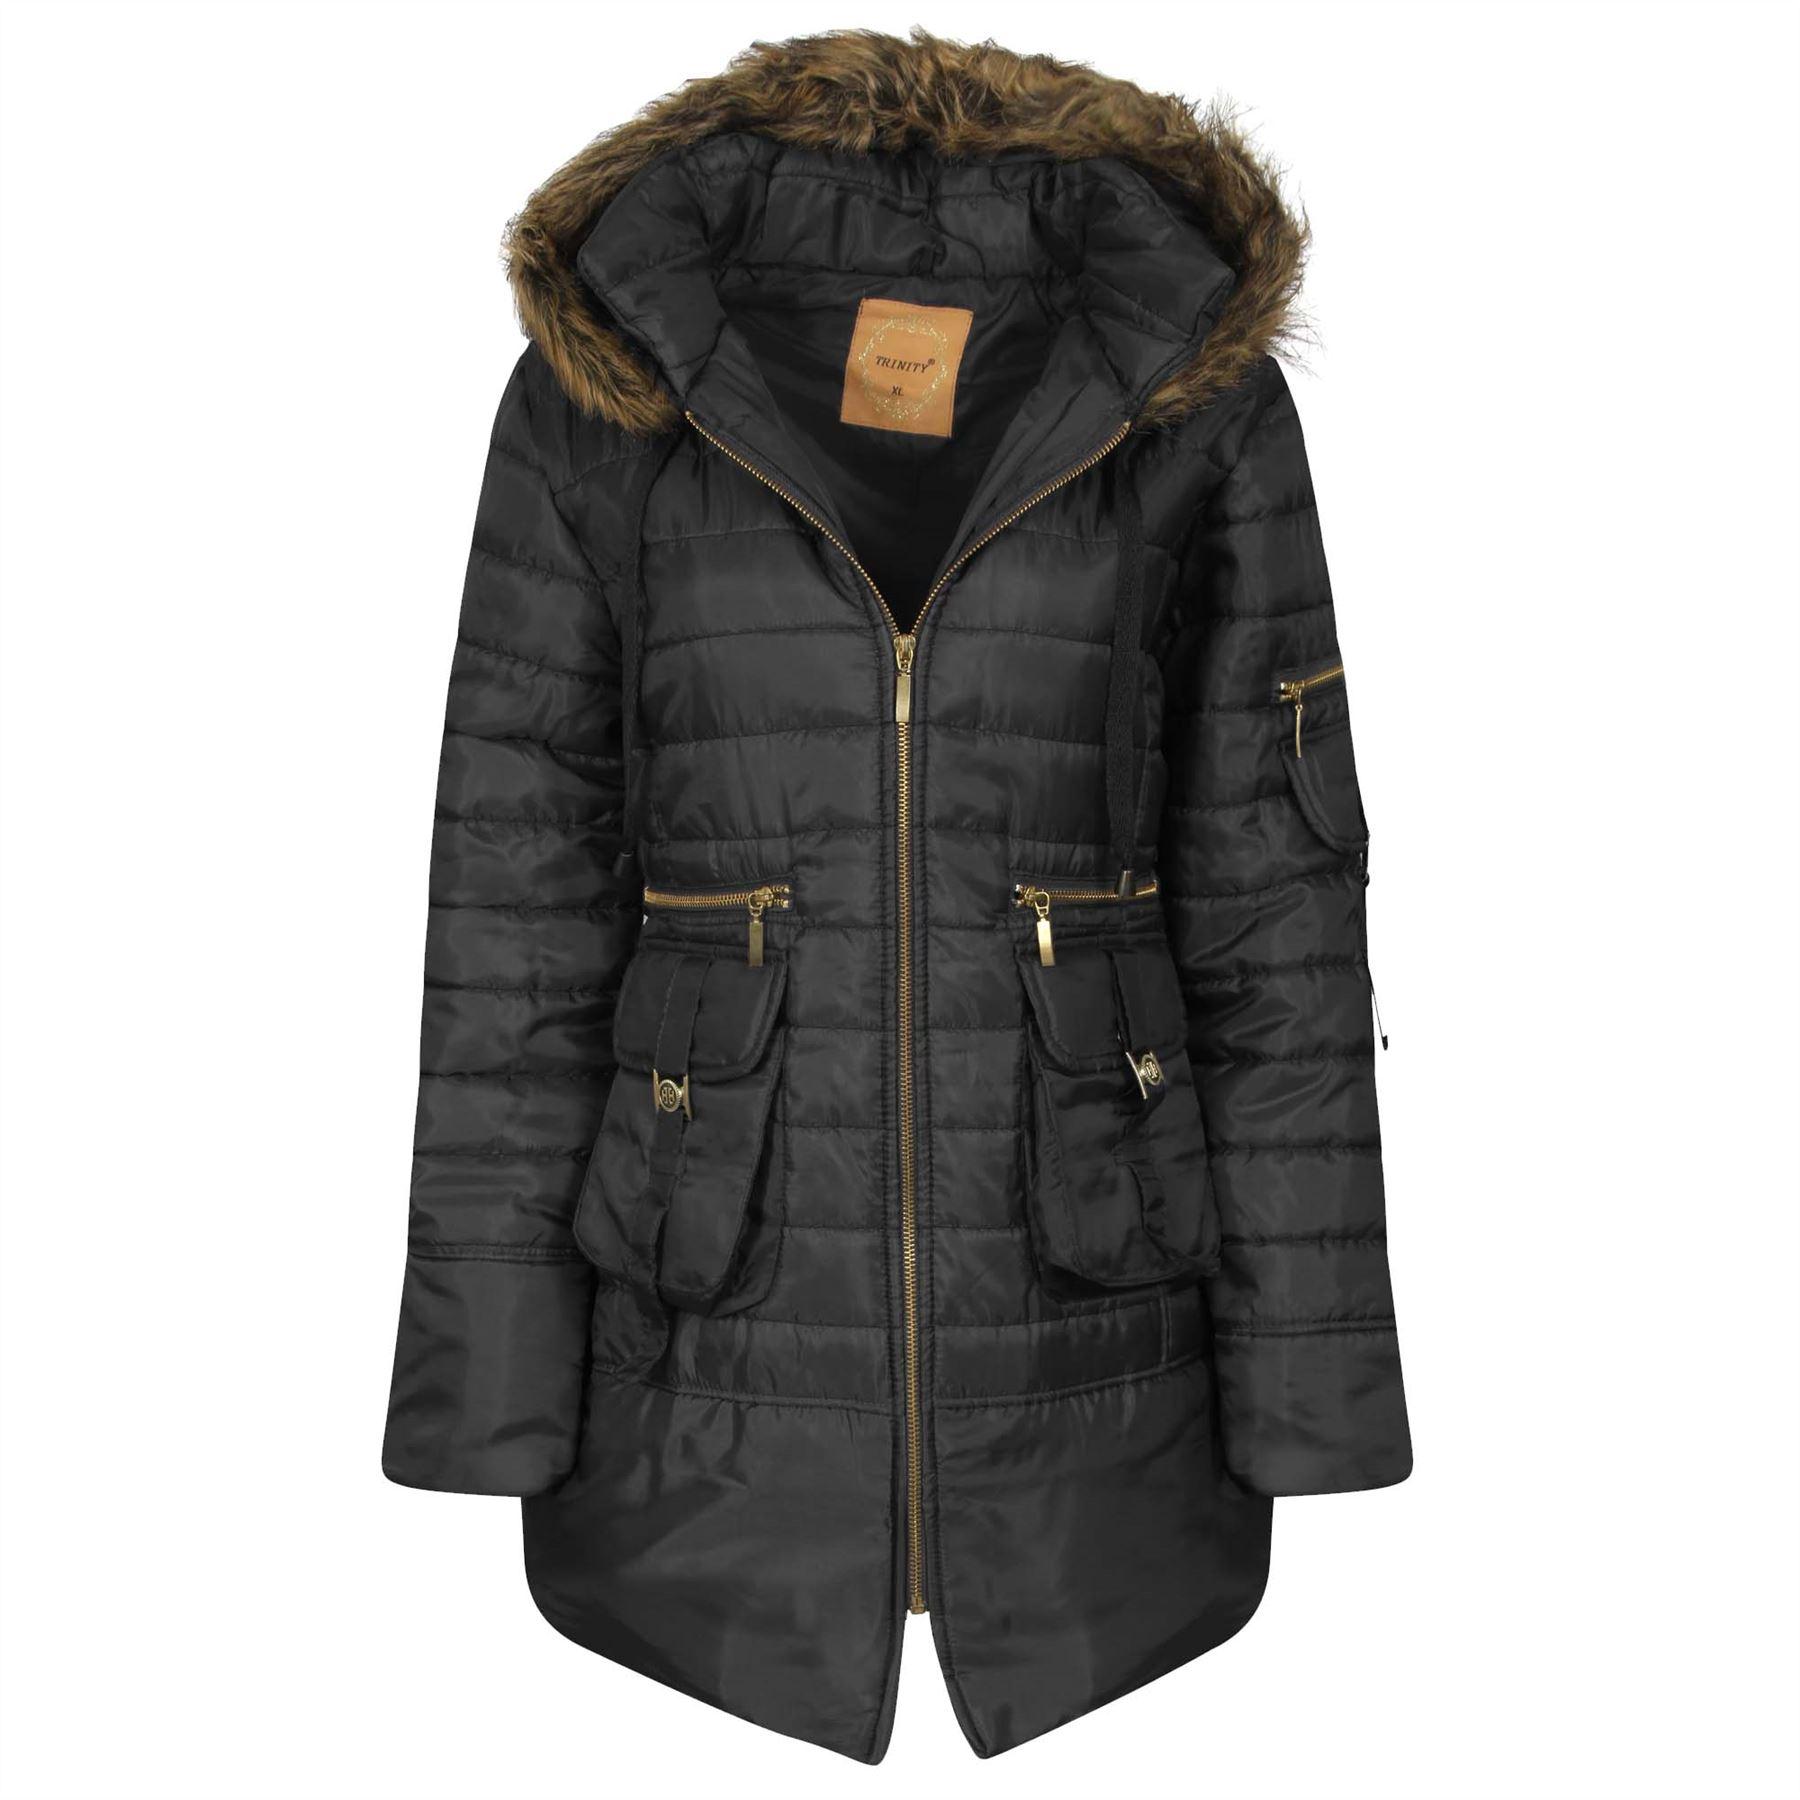 Womens padded parka coats